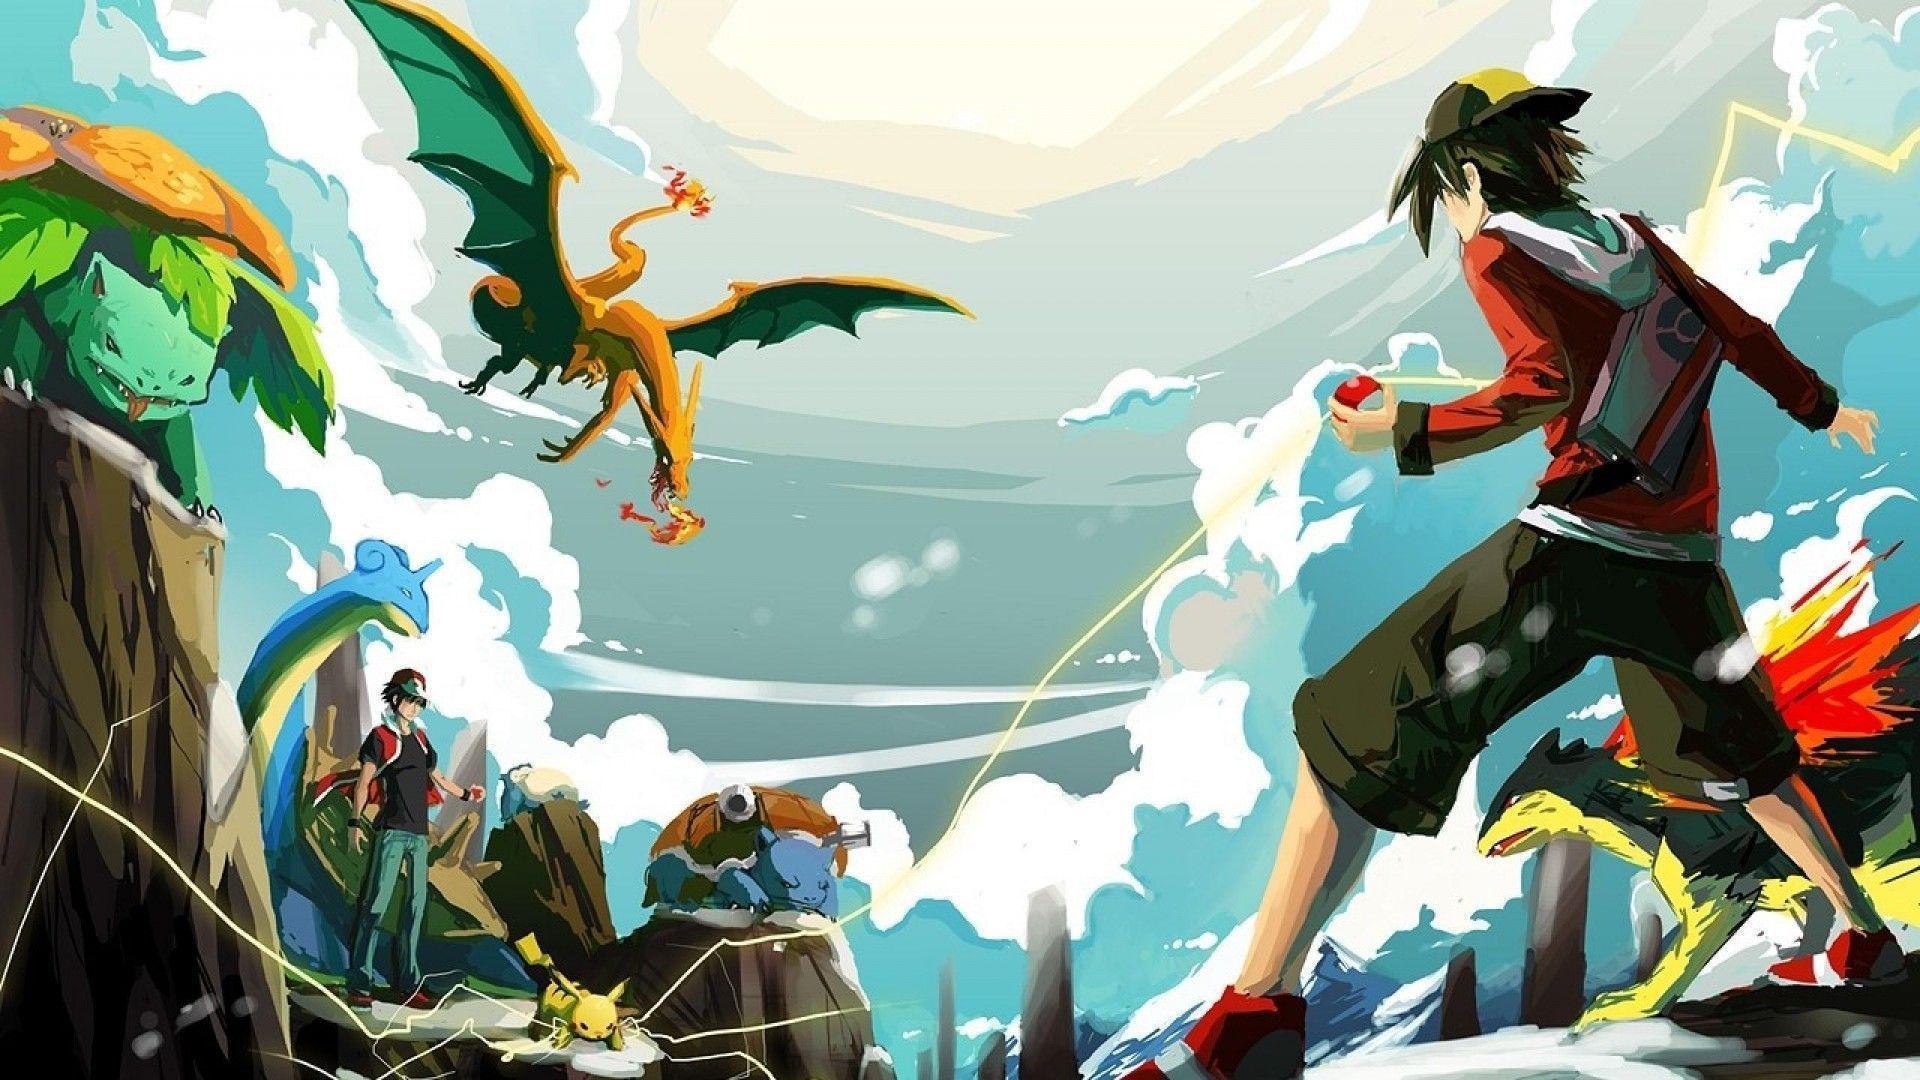 All pokemon wallpapers wallpaper cave - All legendary pokemon background ...